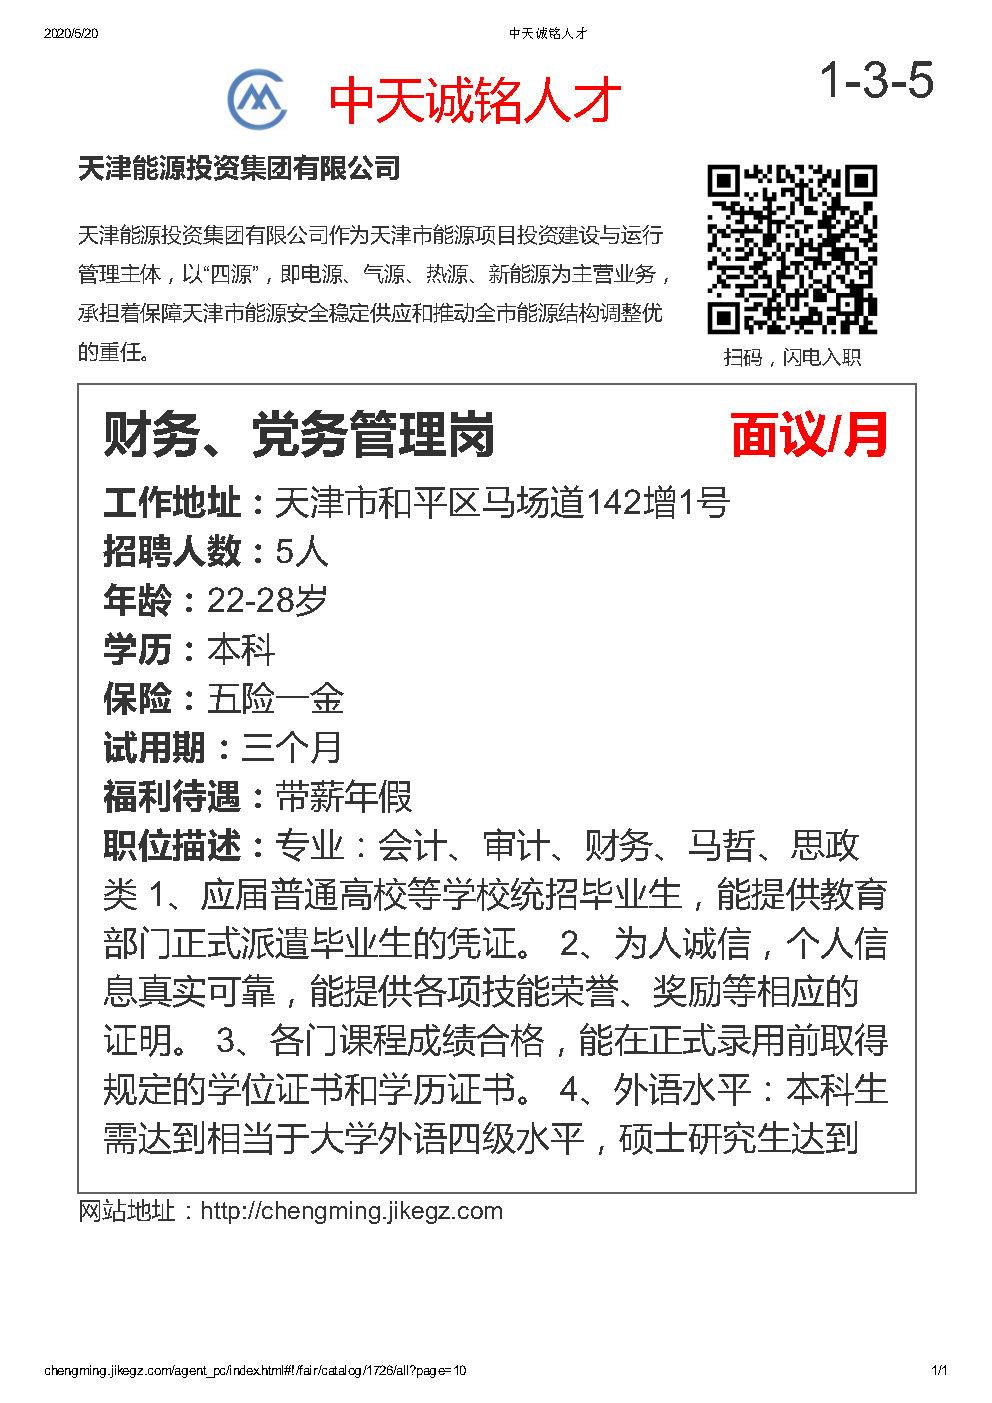 天津能源投资集团有限公司.jpg